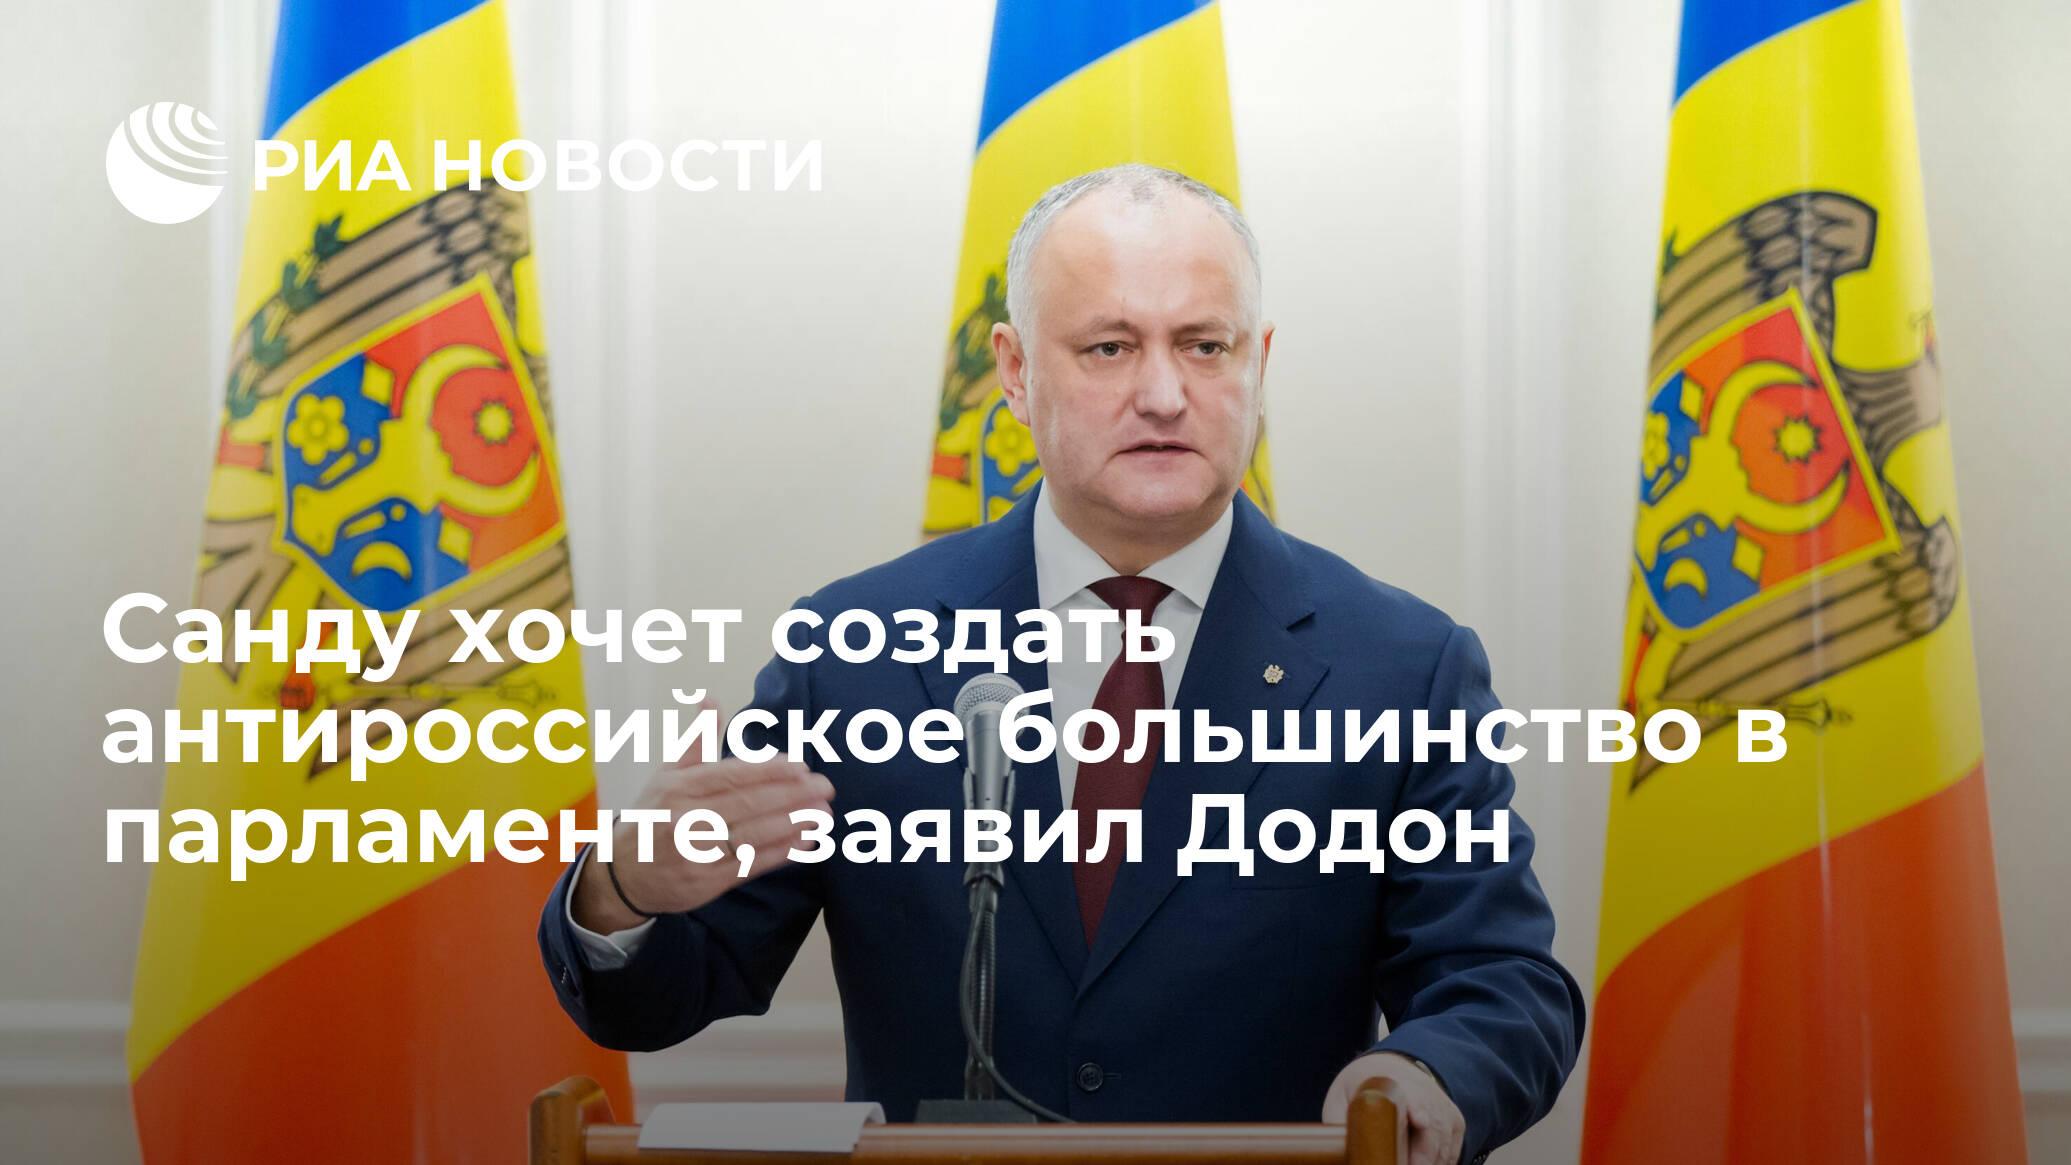 Санду хочет создать антироссийское большинство в парламенте, заявил Додон